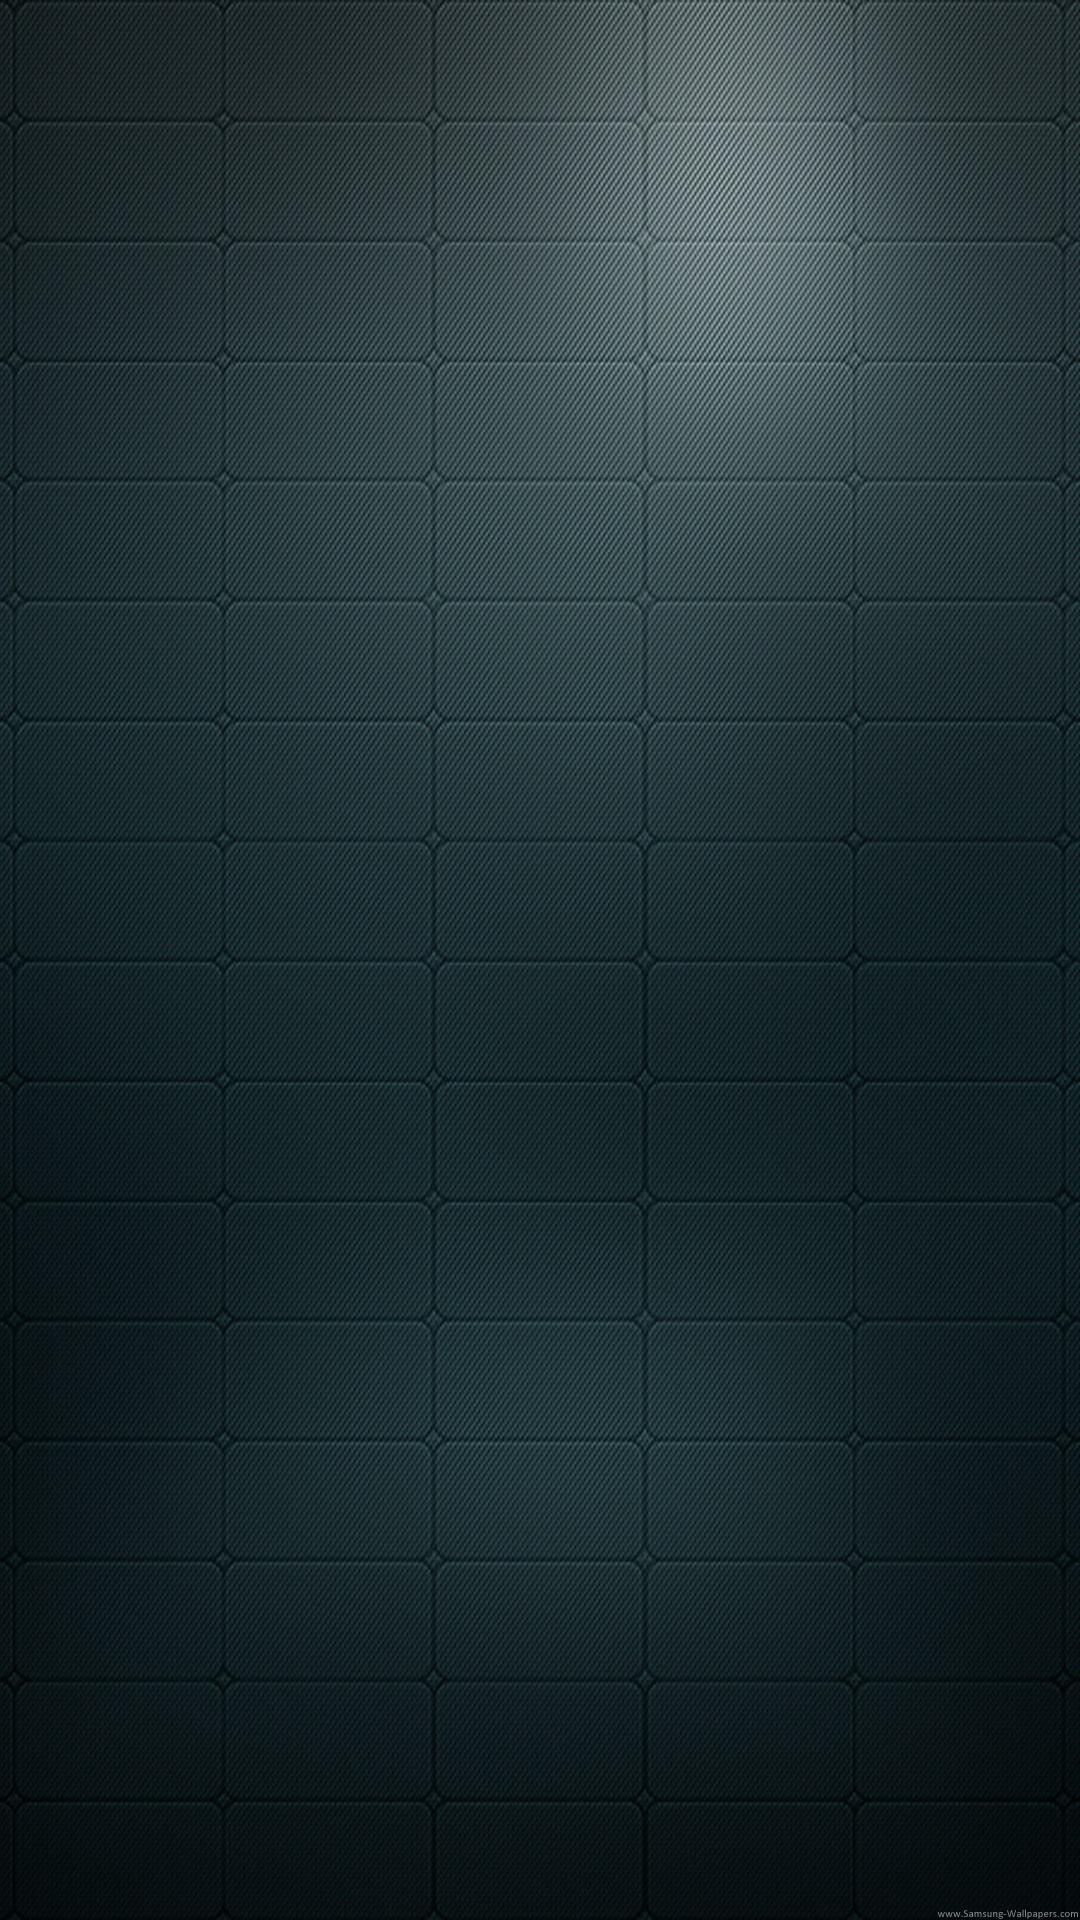 Black Screen Wallpaper - WallpaperSafari